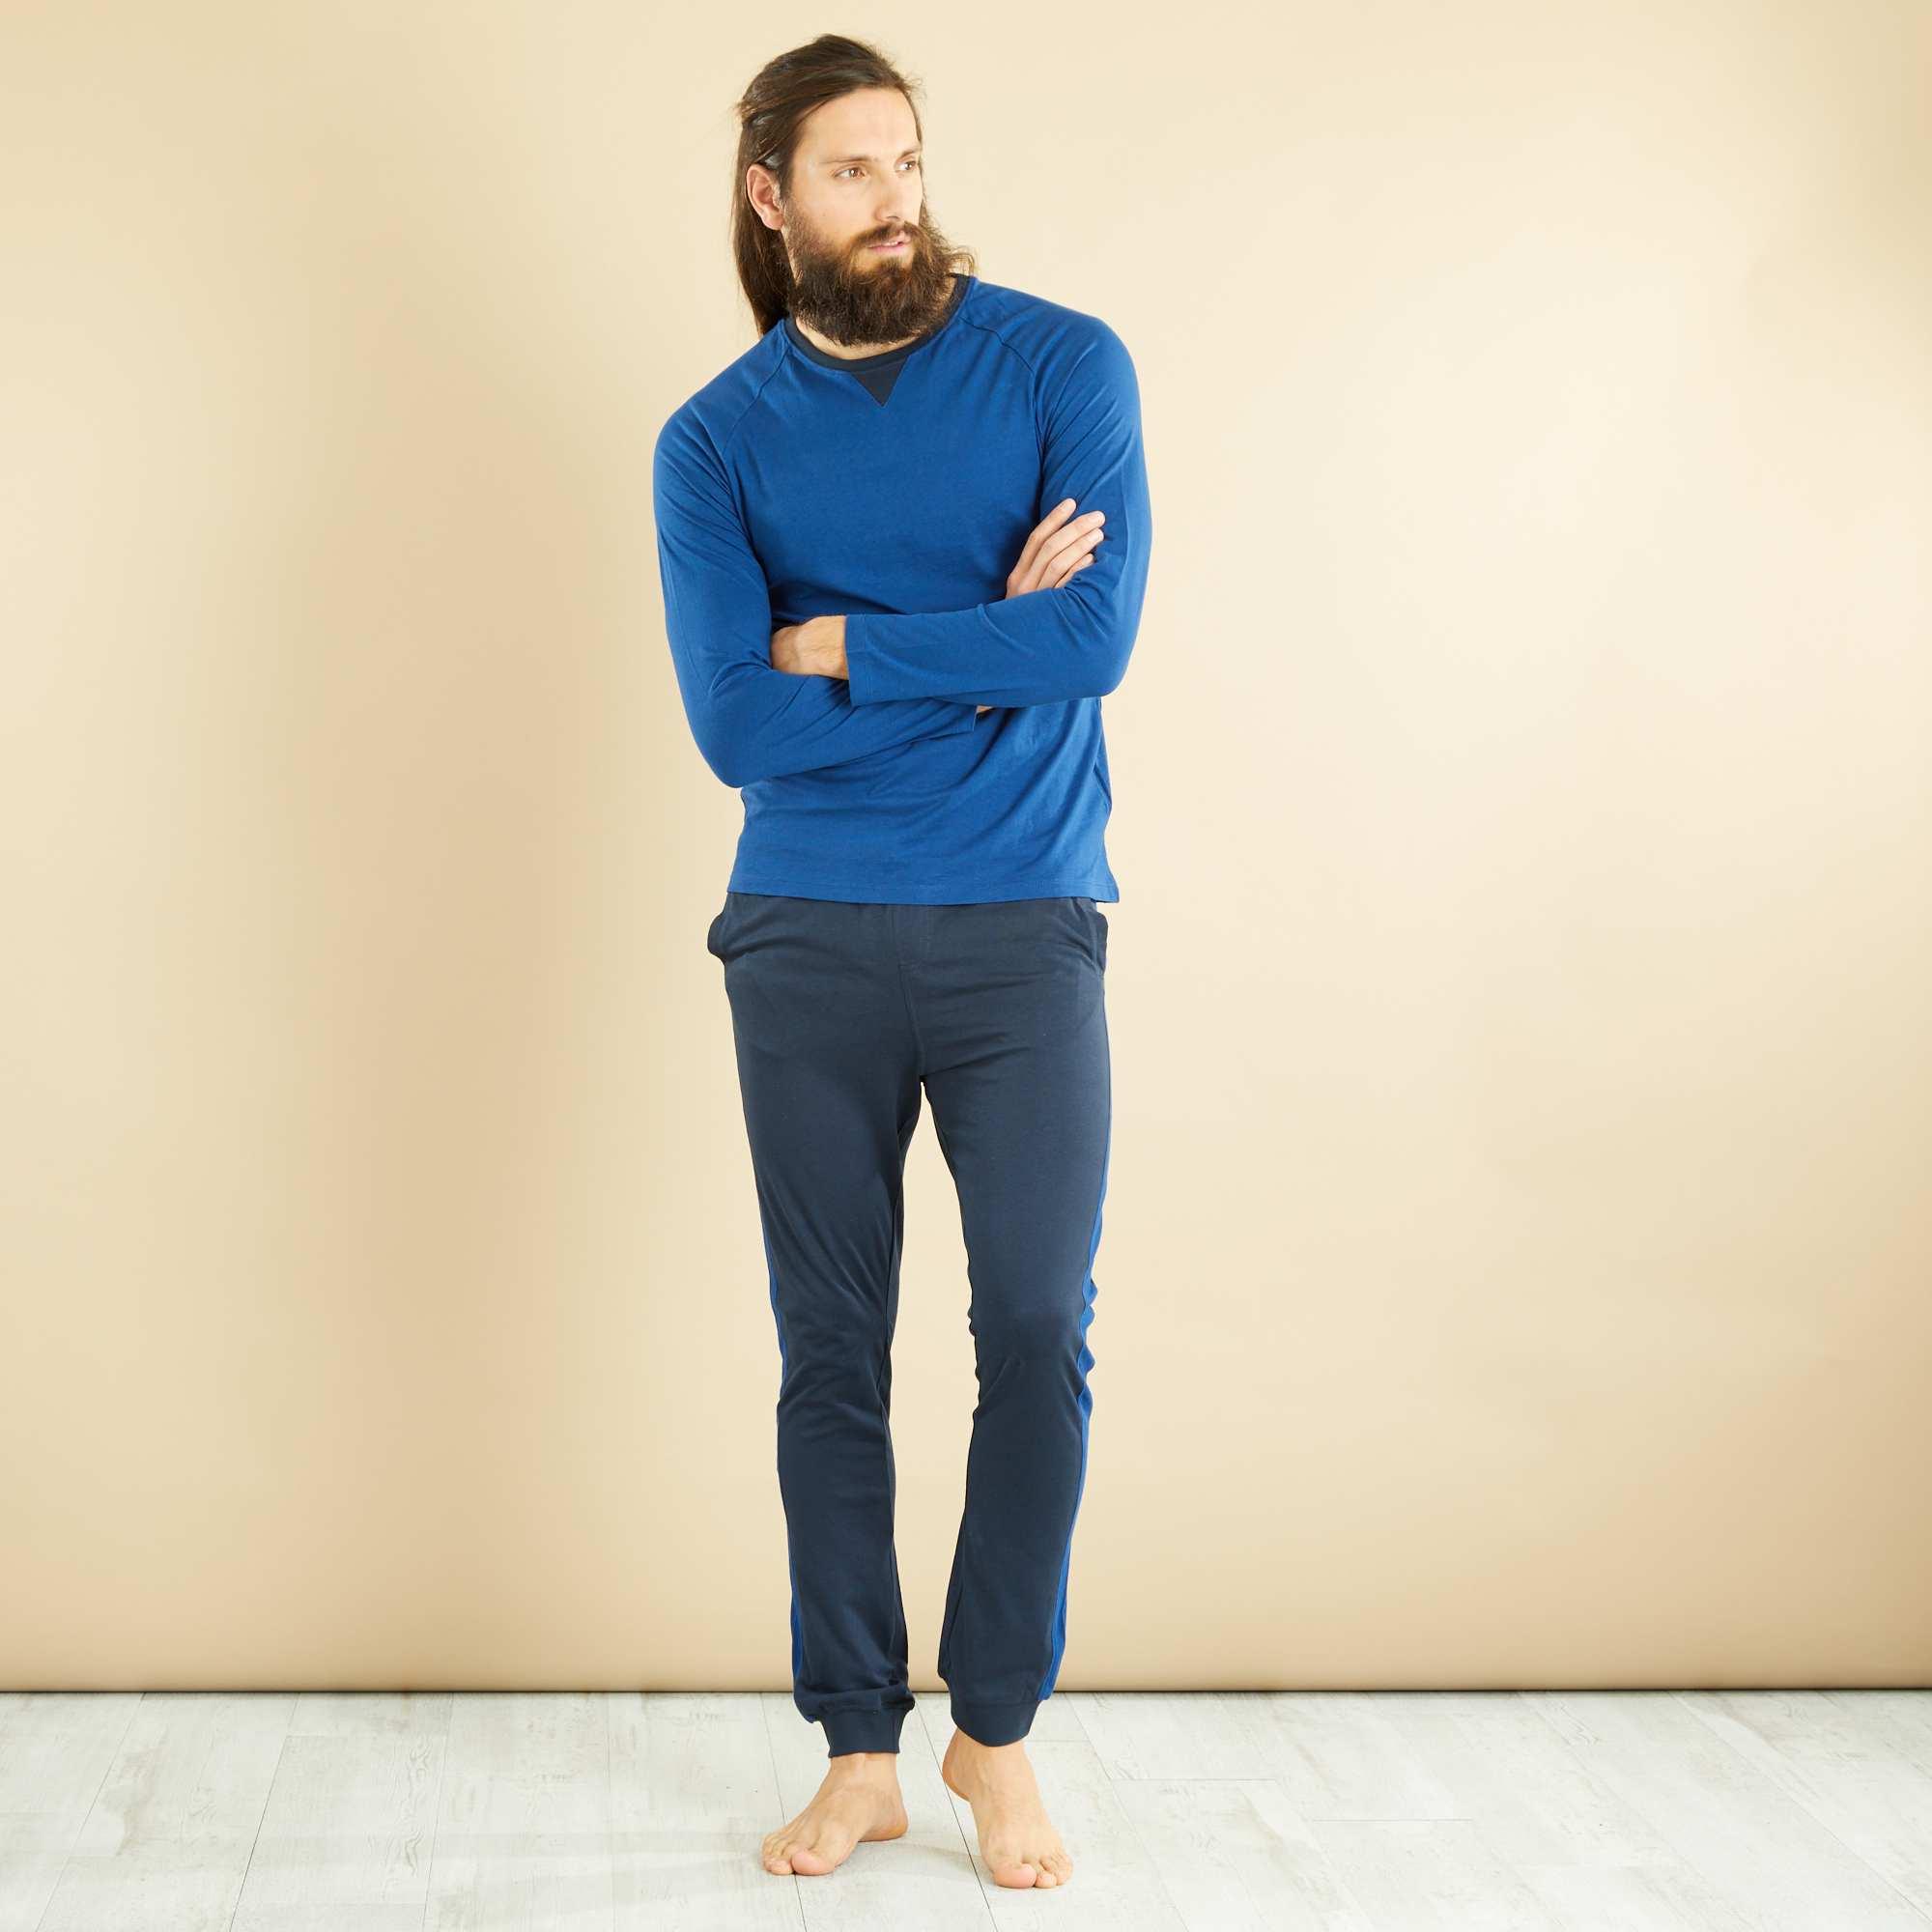 Couleur : bleu marine/bleu, , ,, - Taille : XXL, L, S,XL,MLe partenaire des nuits tranquille. - Ensemble pyjama long - Tee-shirt en maille